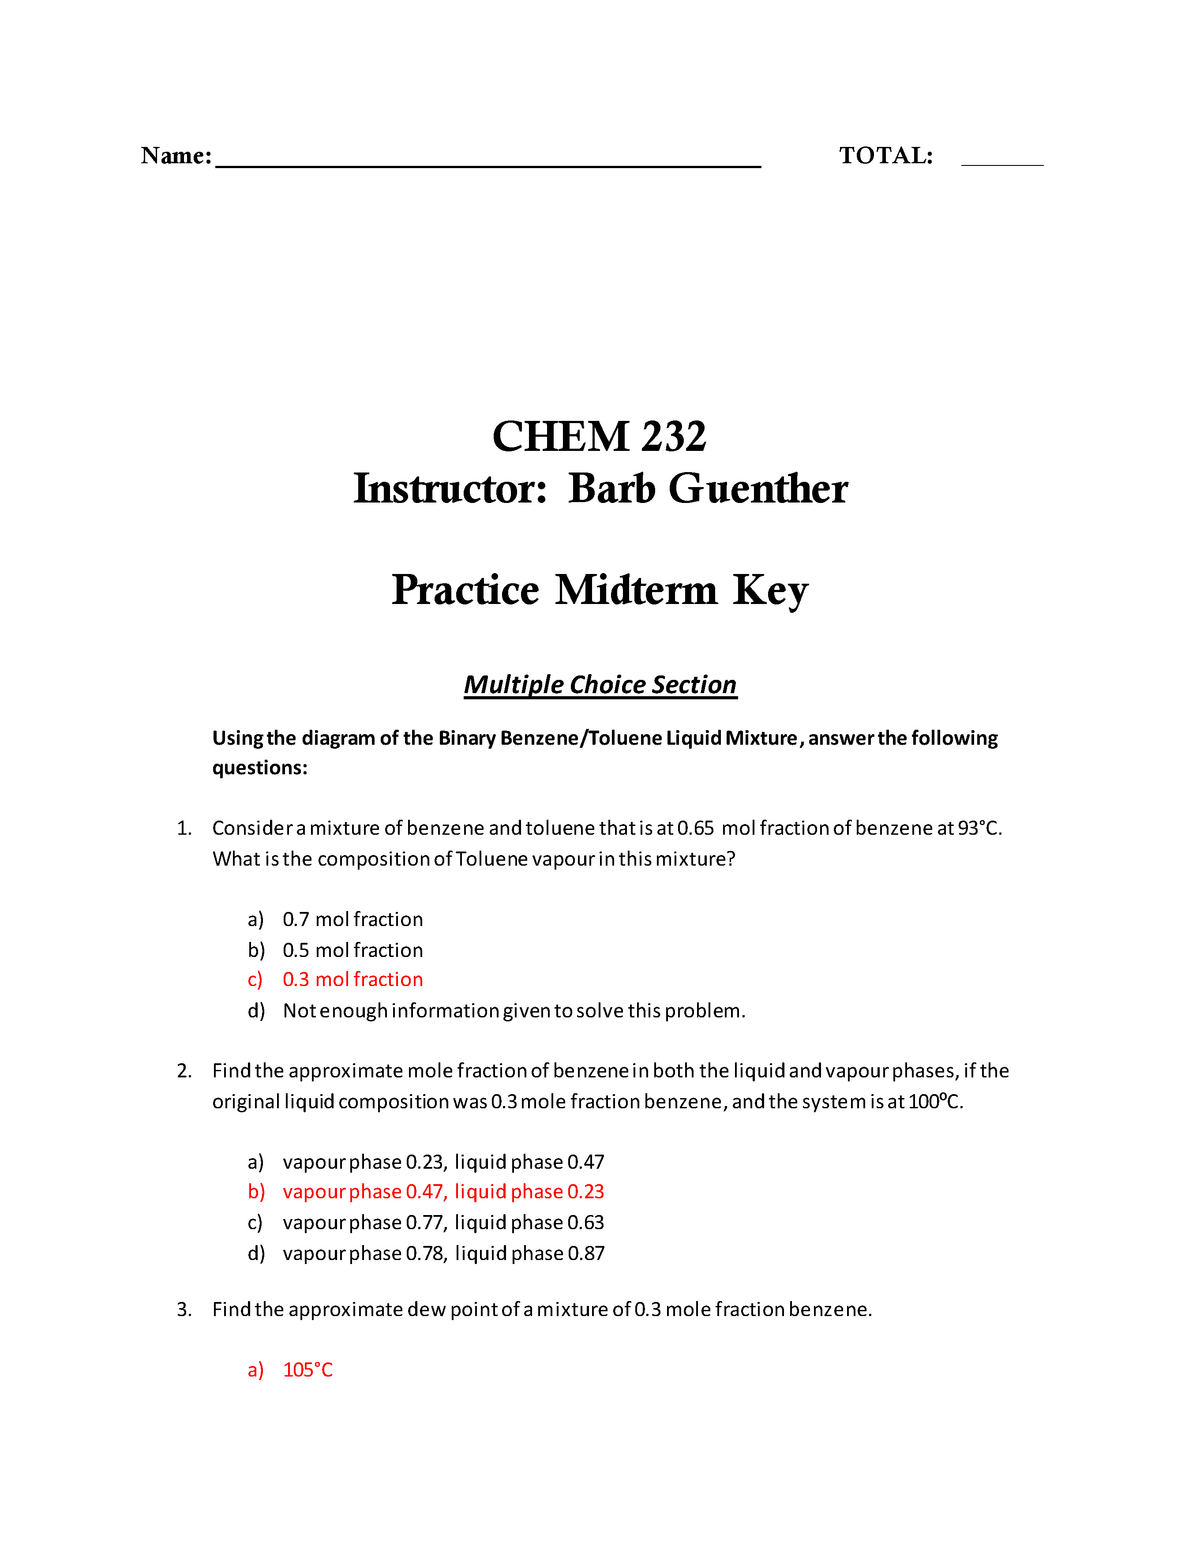 Midterm 2017, questions and answers - Chem 232 - SAIT - StuDocu